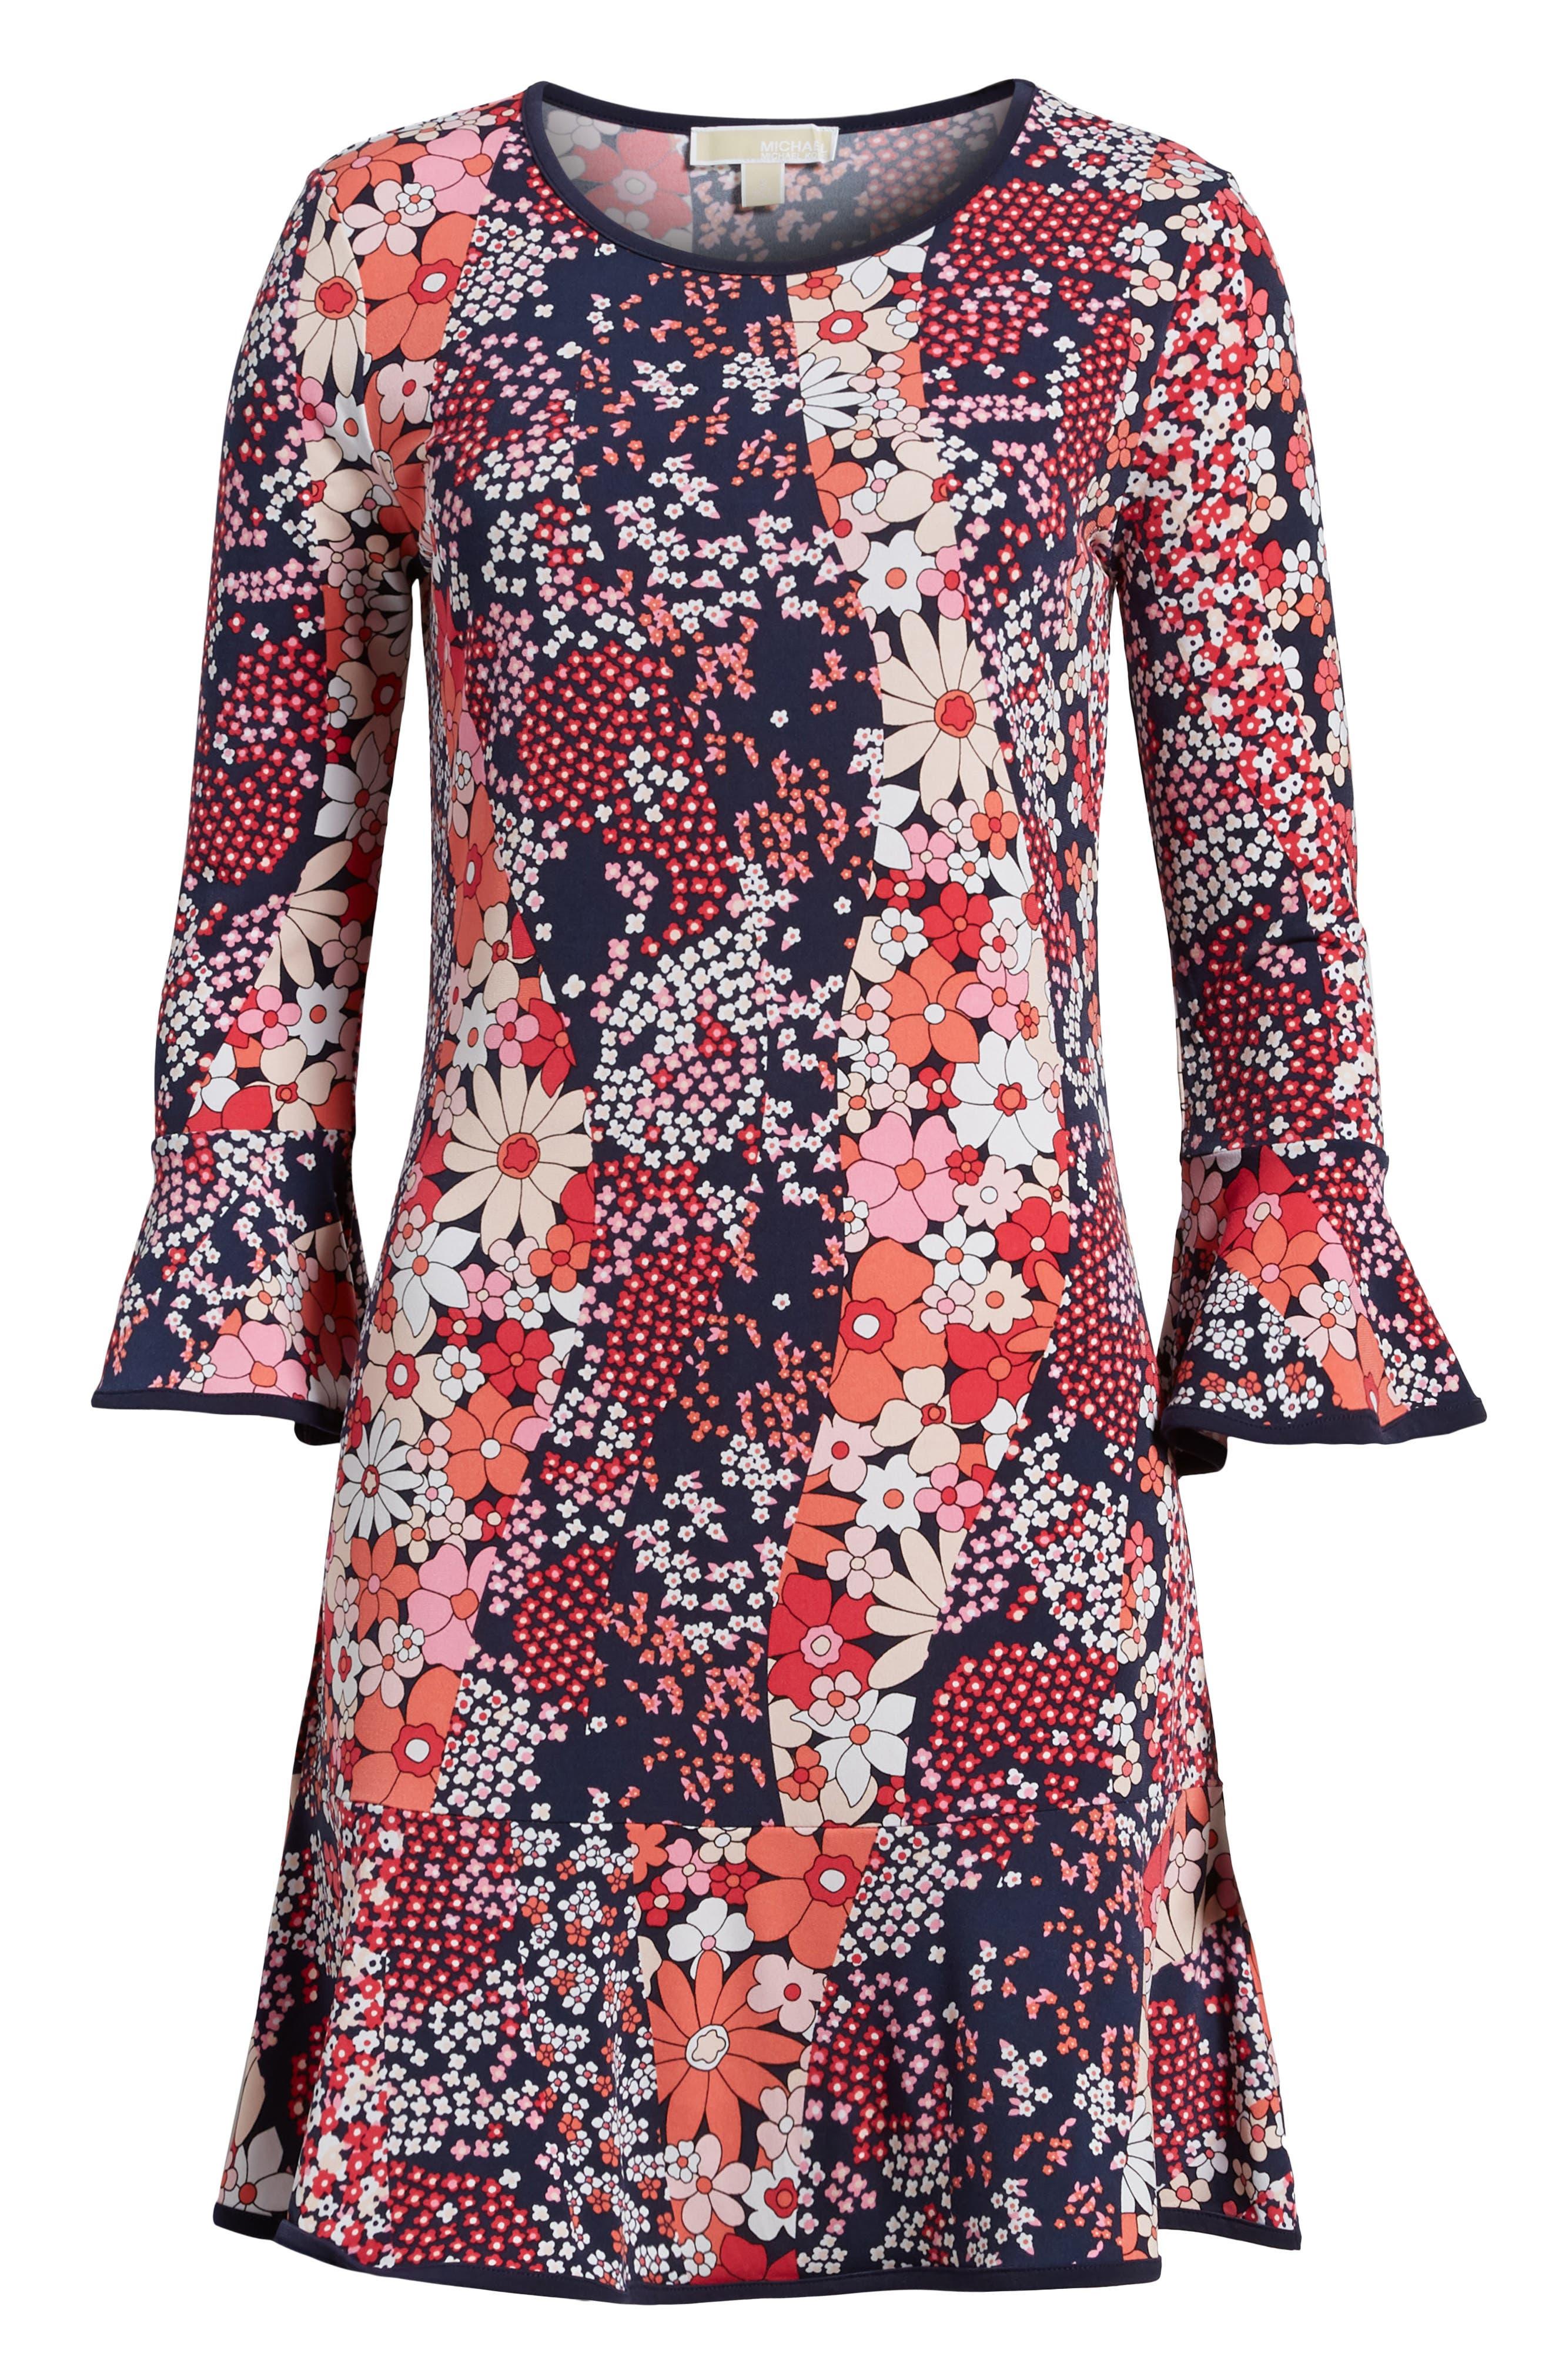 Patch Flower Flounce Dress,                             Alternate thumbnail 7, color,                             678